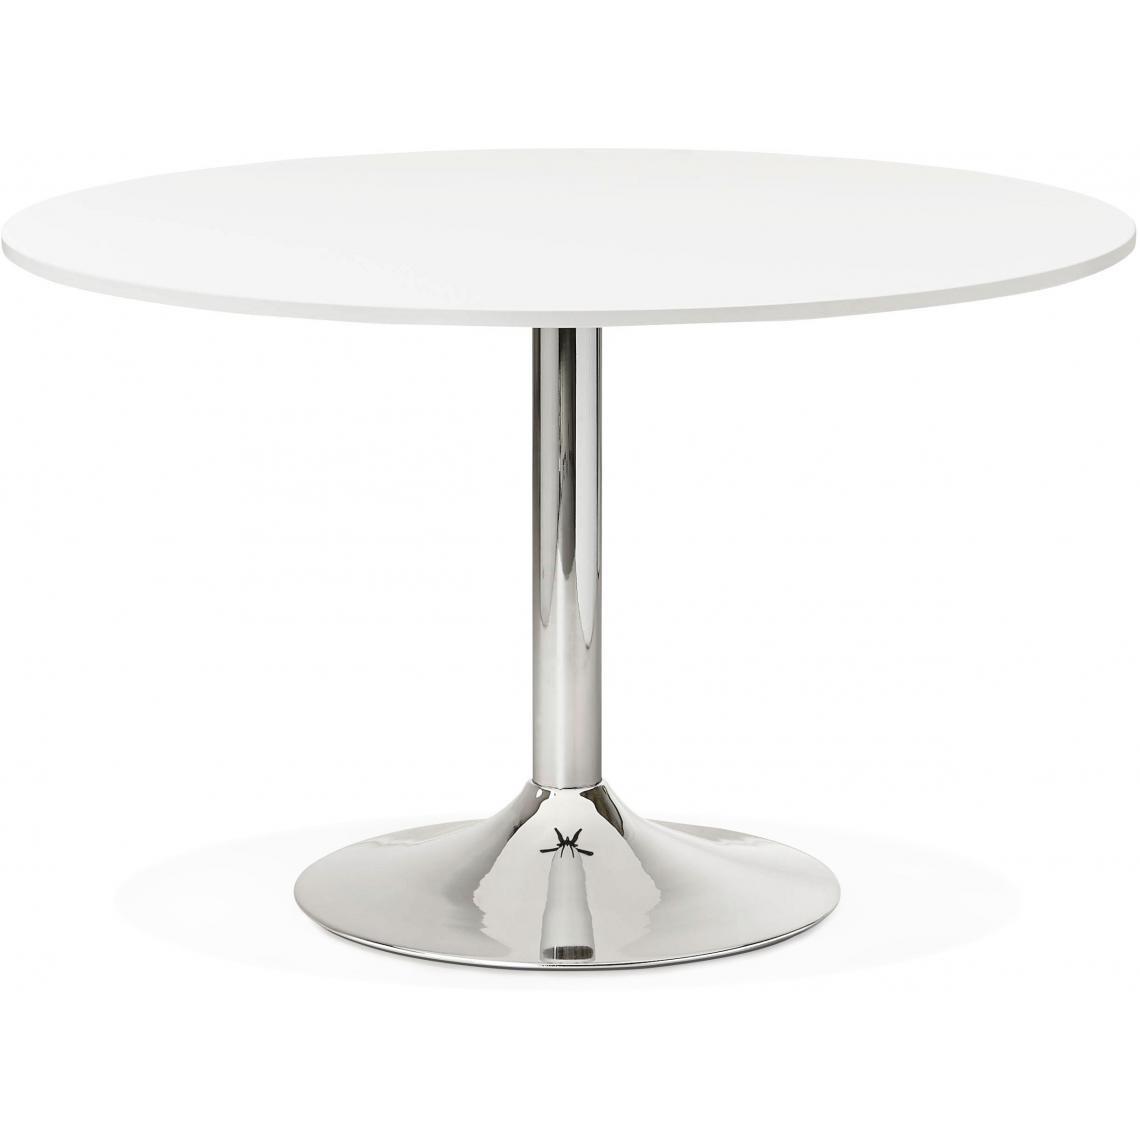 table ronde avec plateau en bois blanc et pied en metal addison